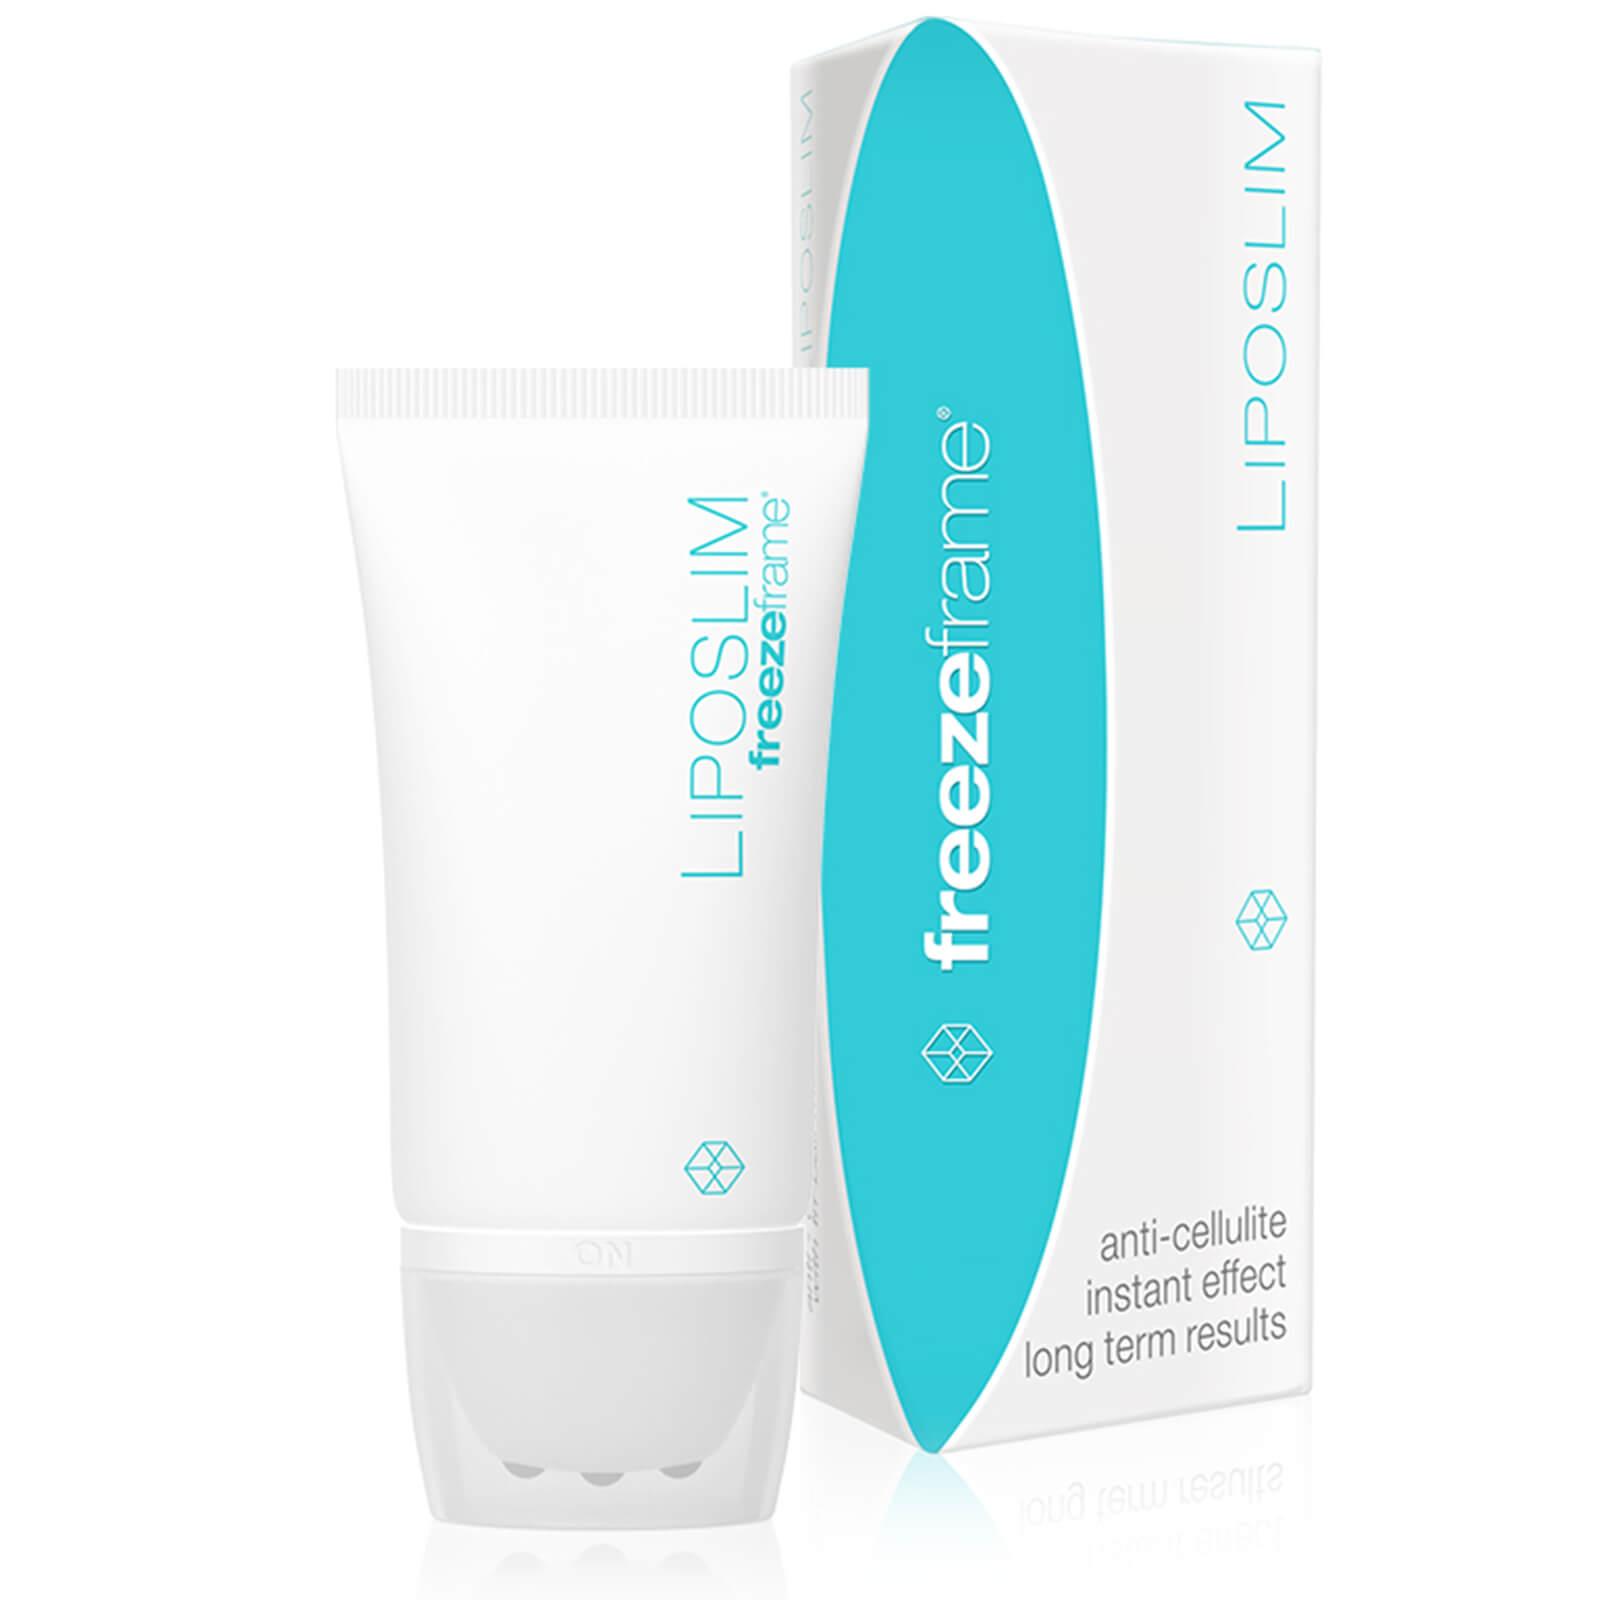 freezeframe Liposlim soin anti-cellulite